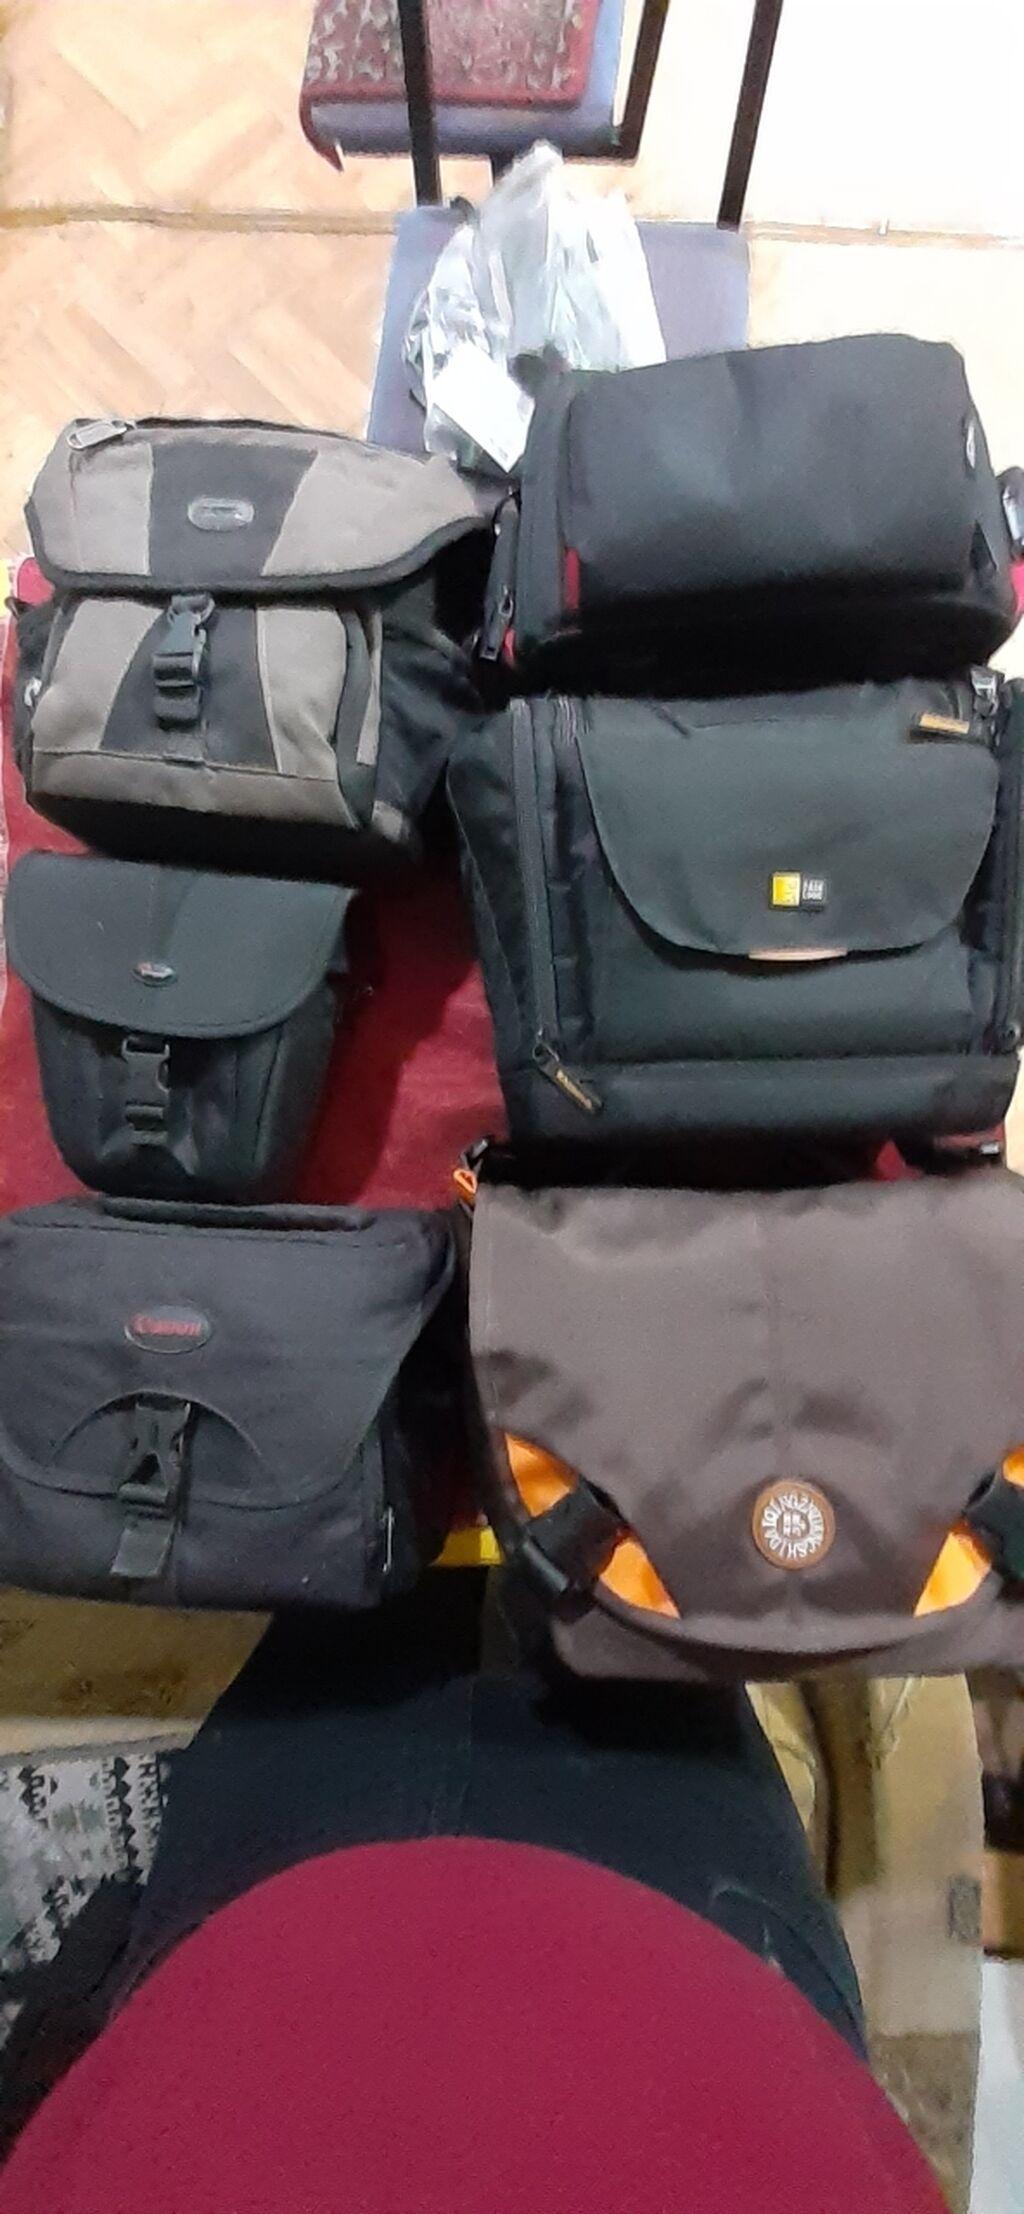 Продаются фотосумки ( кофры) рюкзаки для фотоаппаратов | Объявление создано 14 Октябрь 2021 17:30:38 | СУМКИ И ЧЕХЛЫ: Продаются фотосумки ( кофры) рюкзаки для фотоаппаратов